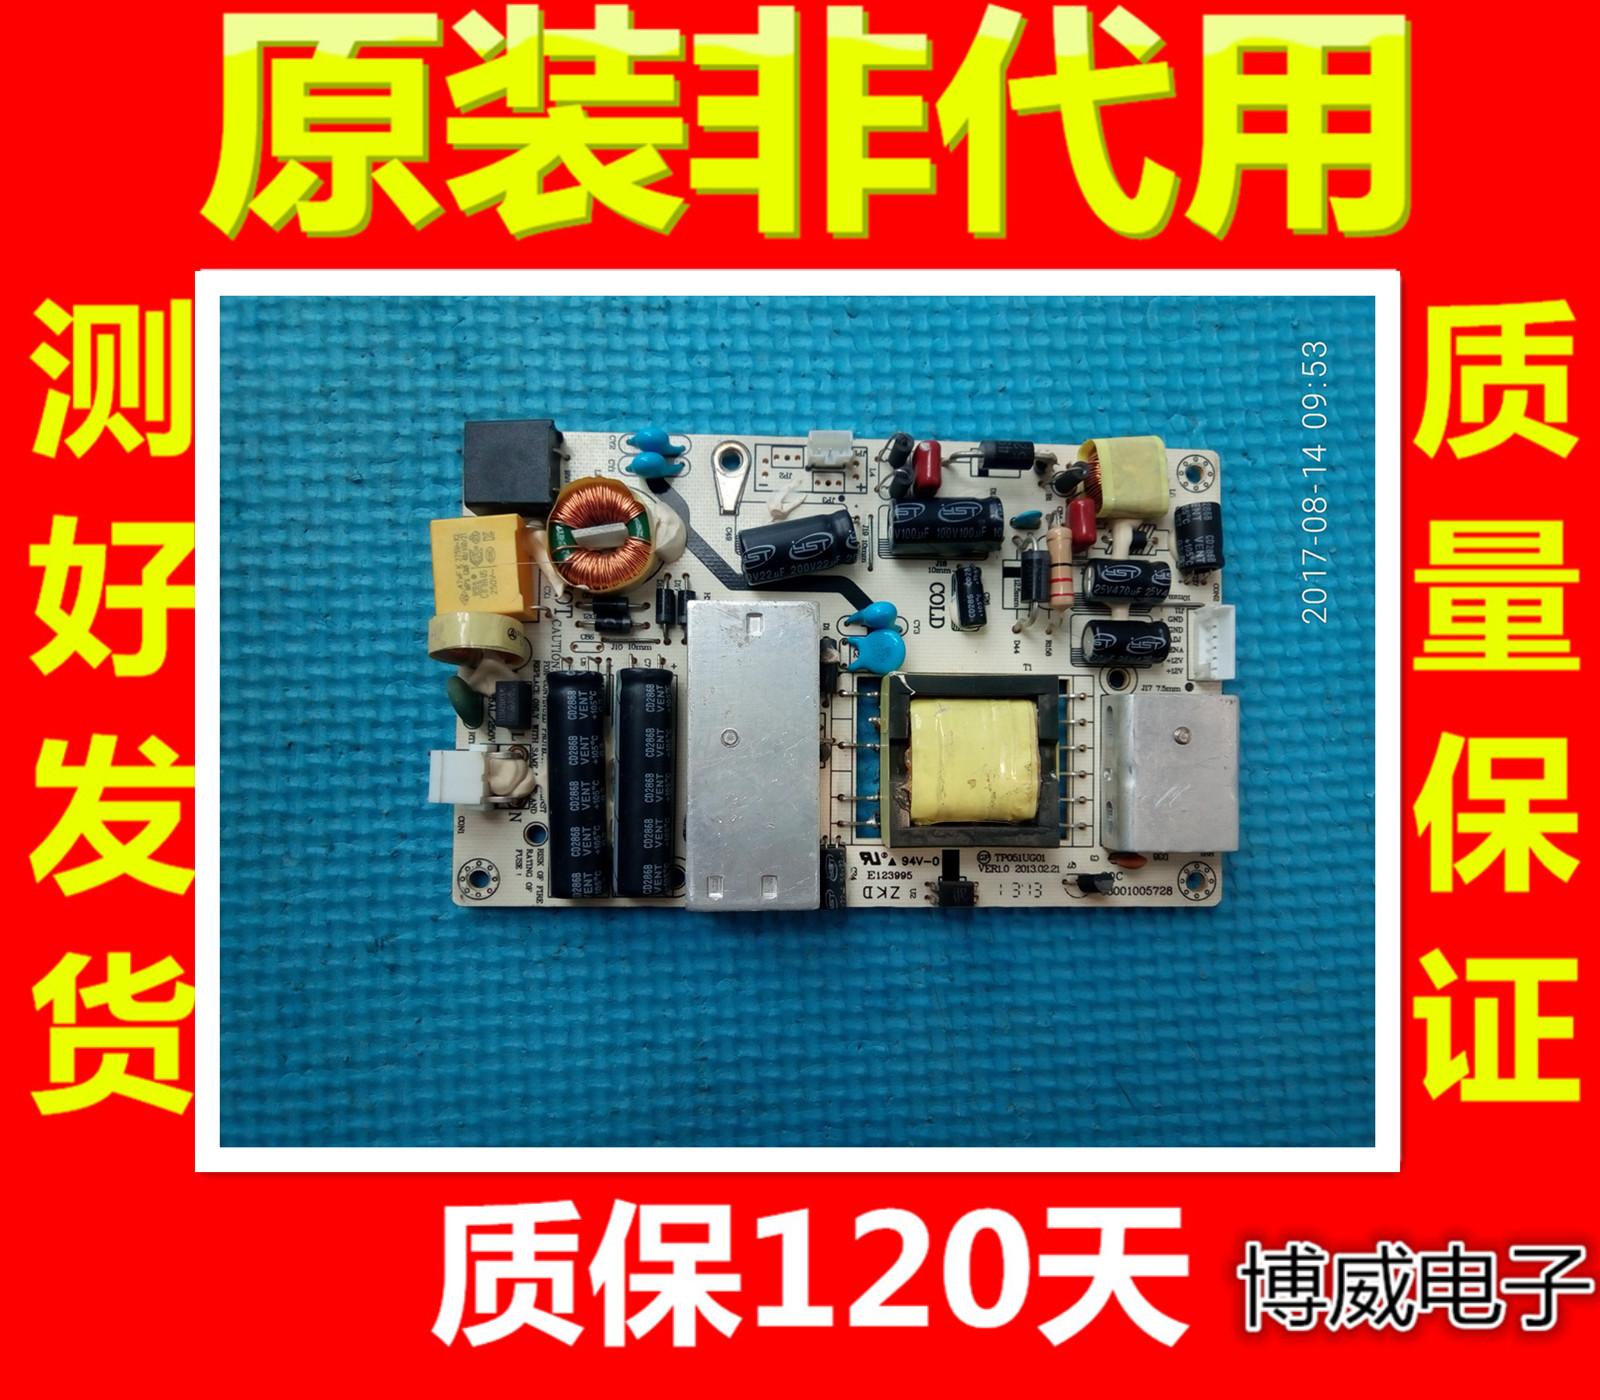 Tongfangpc LE-32TL260032 - Zoll - LCD - TV + Power Boost - hochdruck - platten my2169